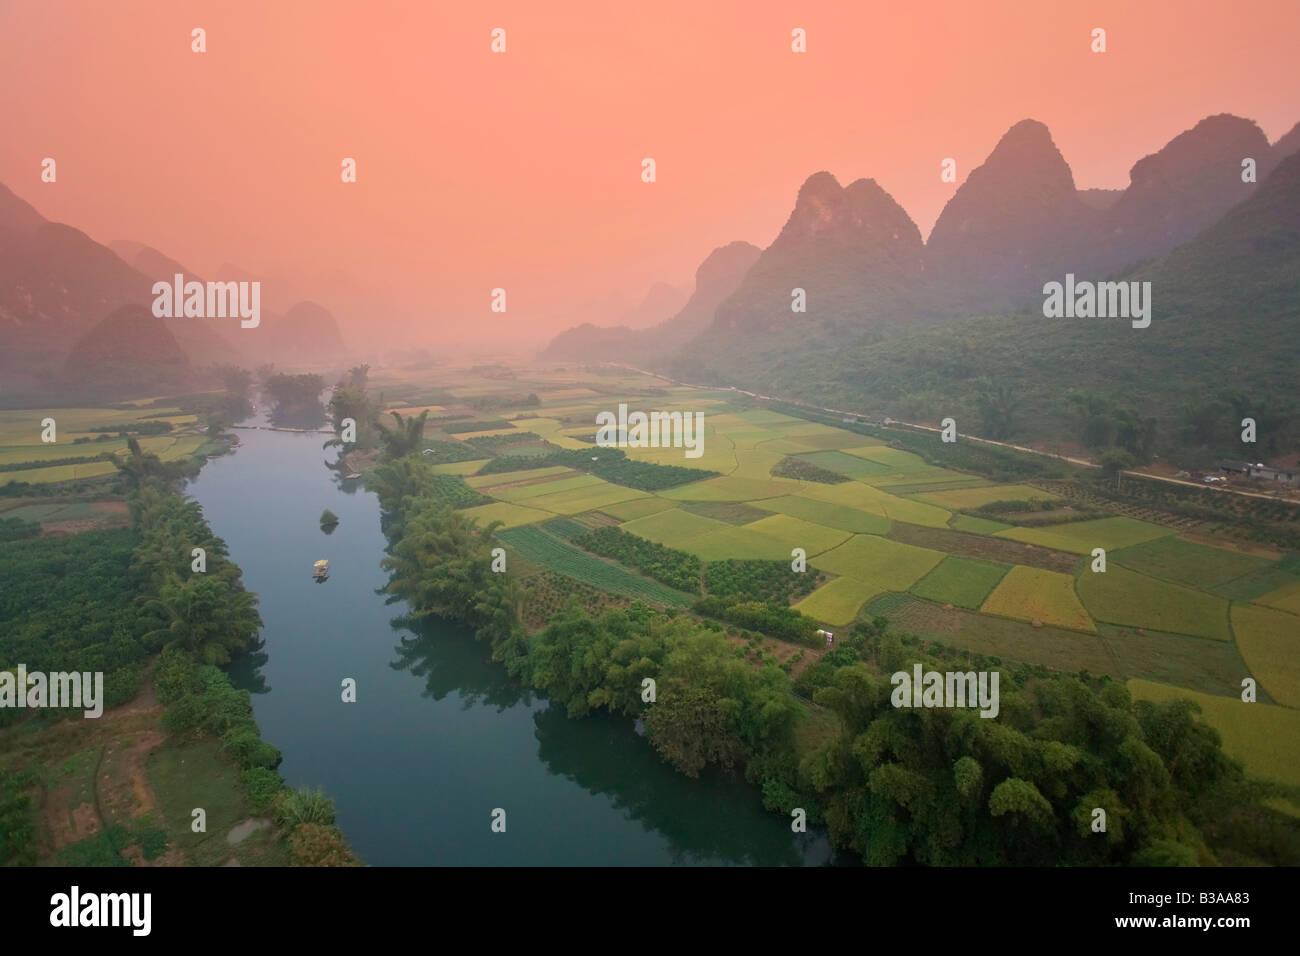 Paysage de montagnes karstiques & Li River de ballon à air chaud, Guilin, Yangshuo, Guangxi Province, China Banque D'Images